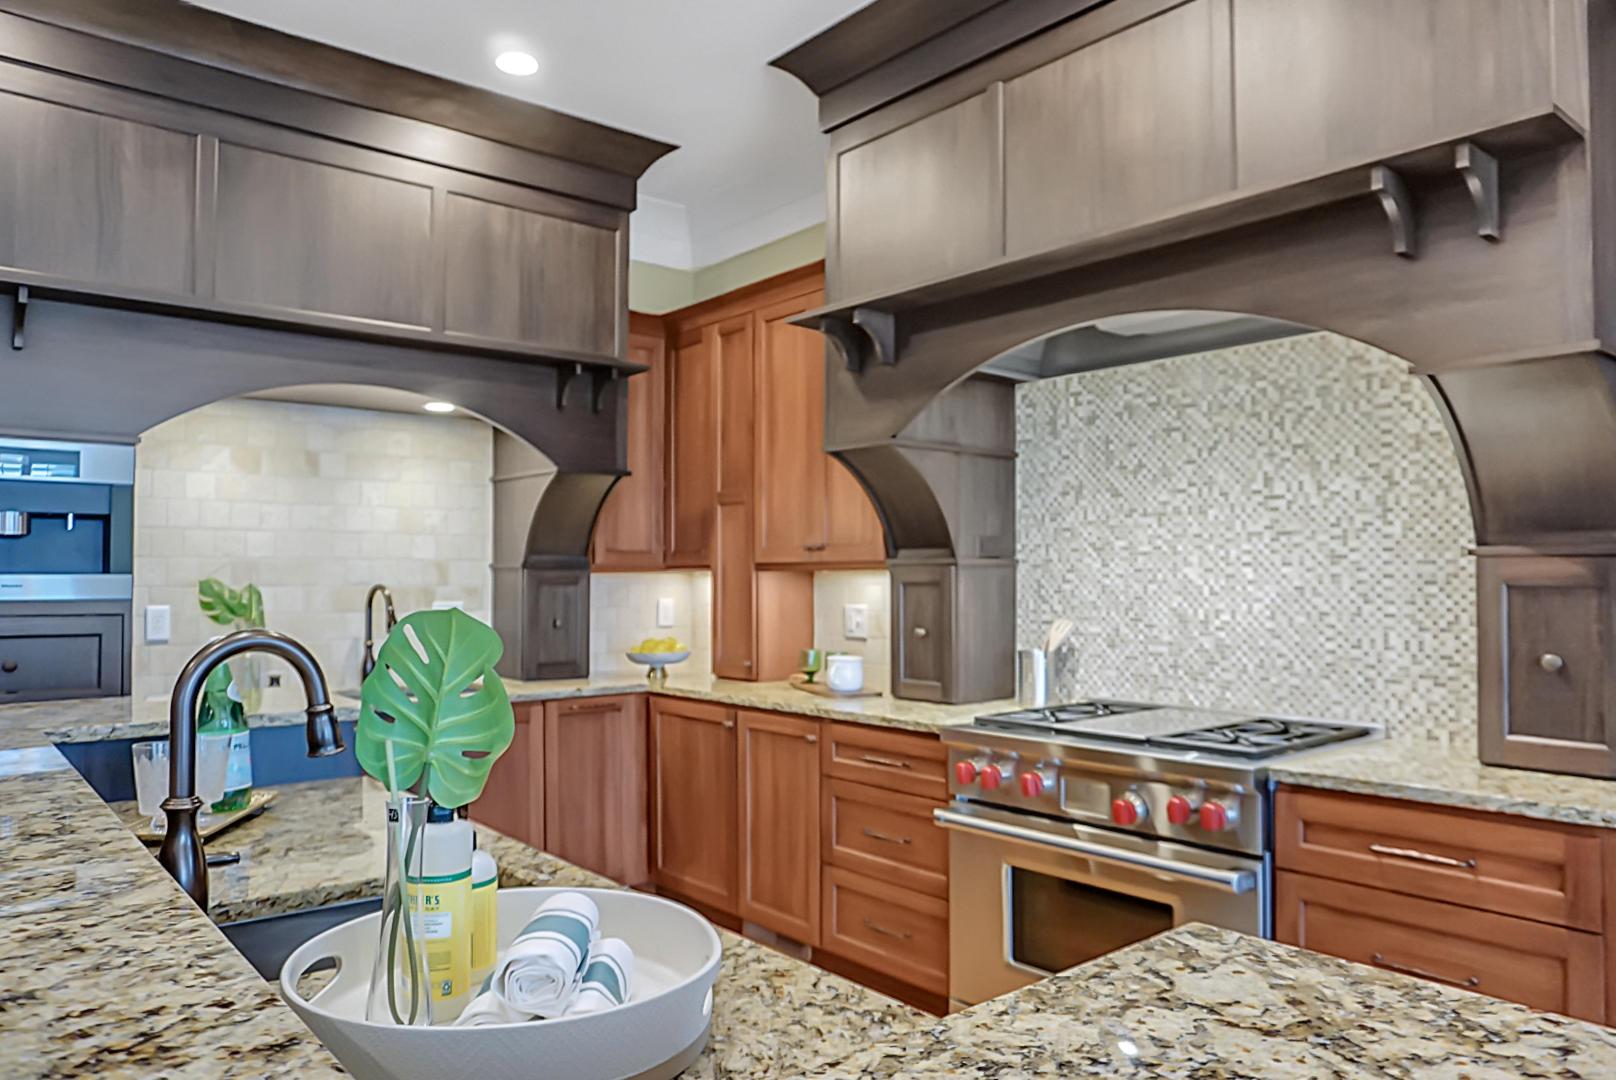 Dunes West Homes For Sale - 2978 River Vista, Mount Pleasant, SC - 92